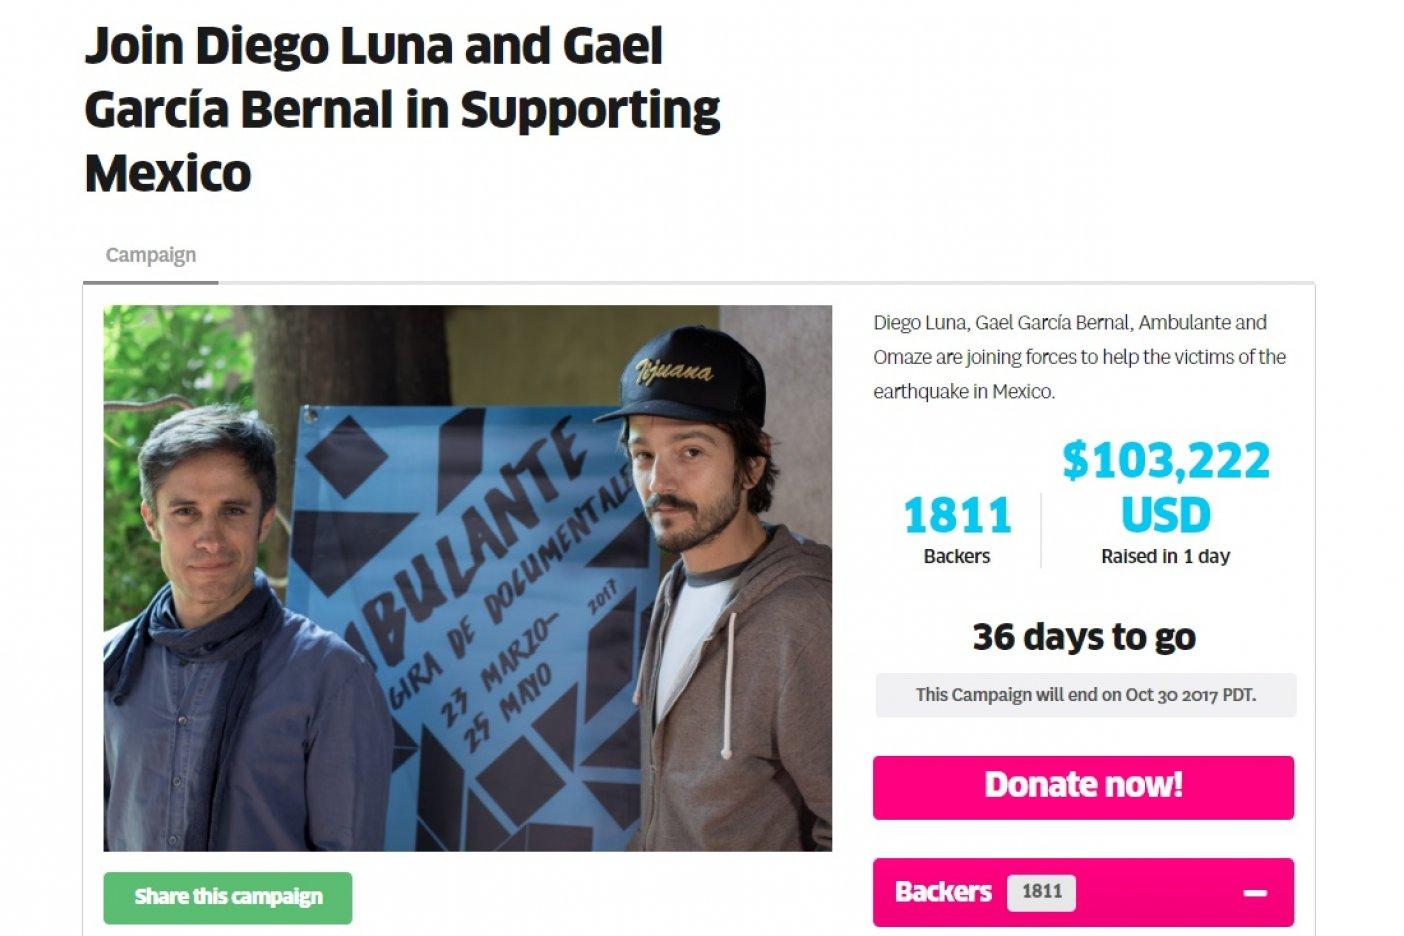 Diego y Gael arman campaña internacional para damnificados